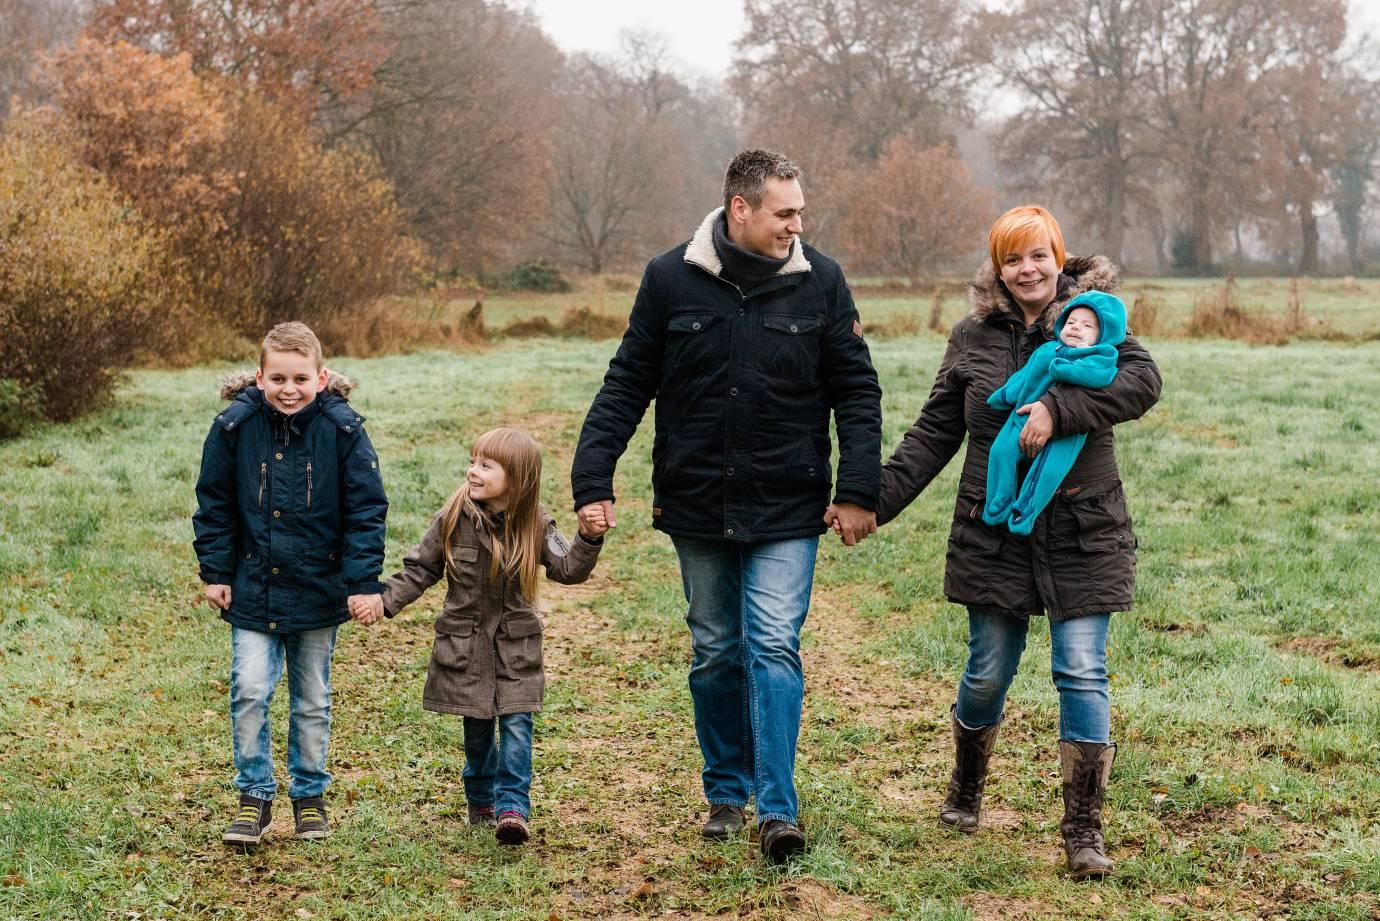 familienfotos ohz 18 - Familienfotos von Familie Schmidt